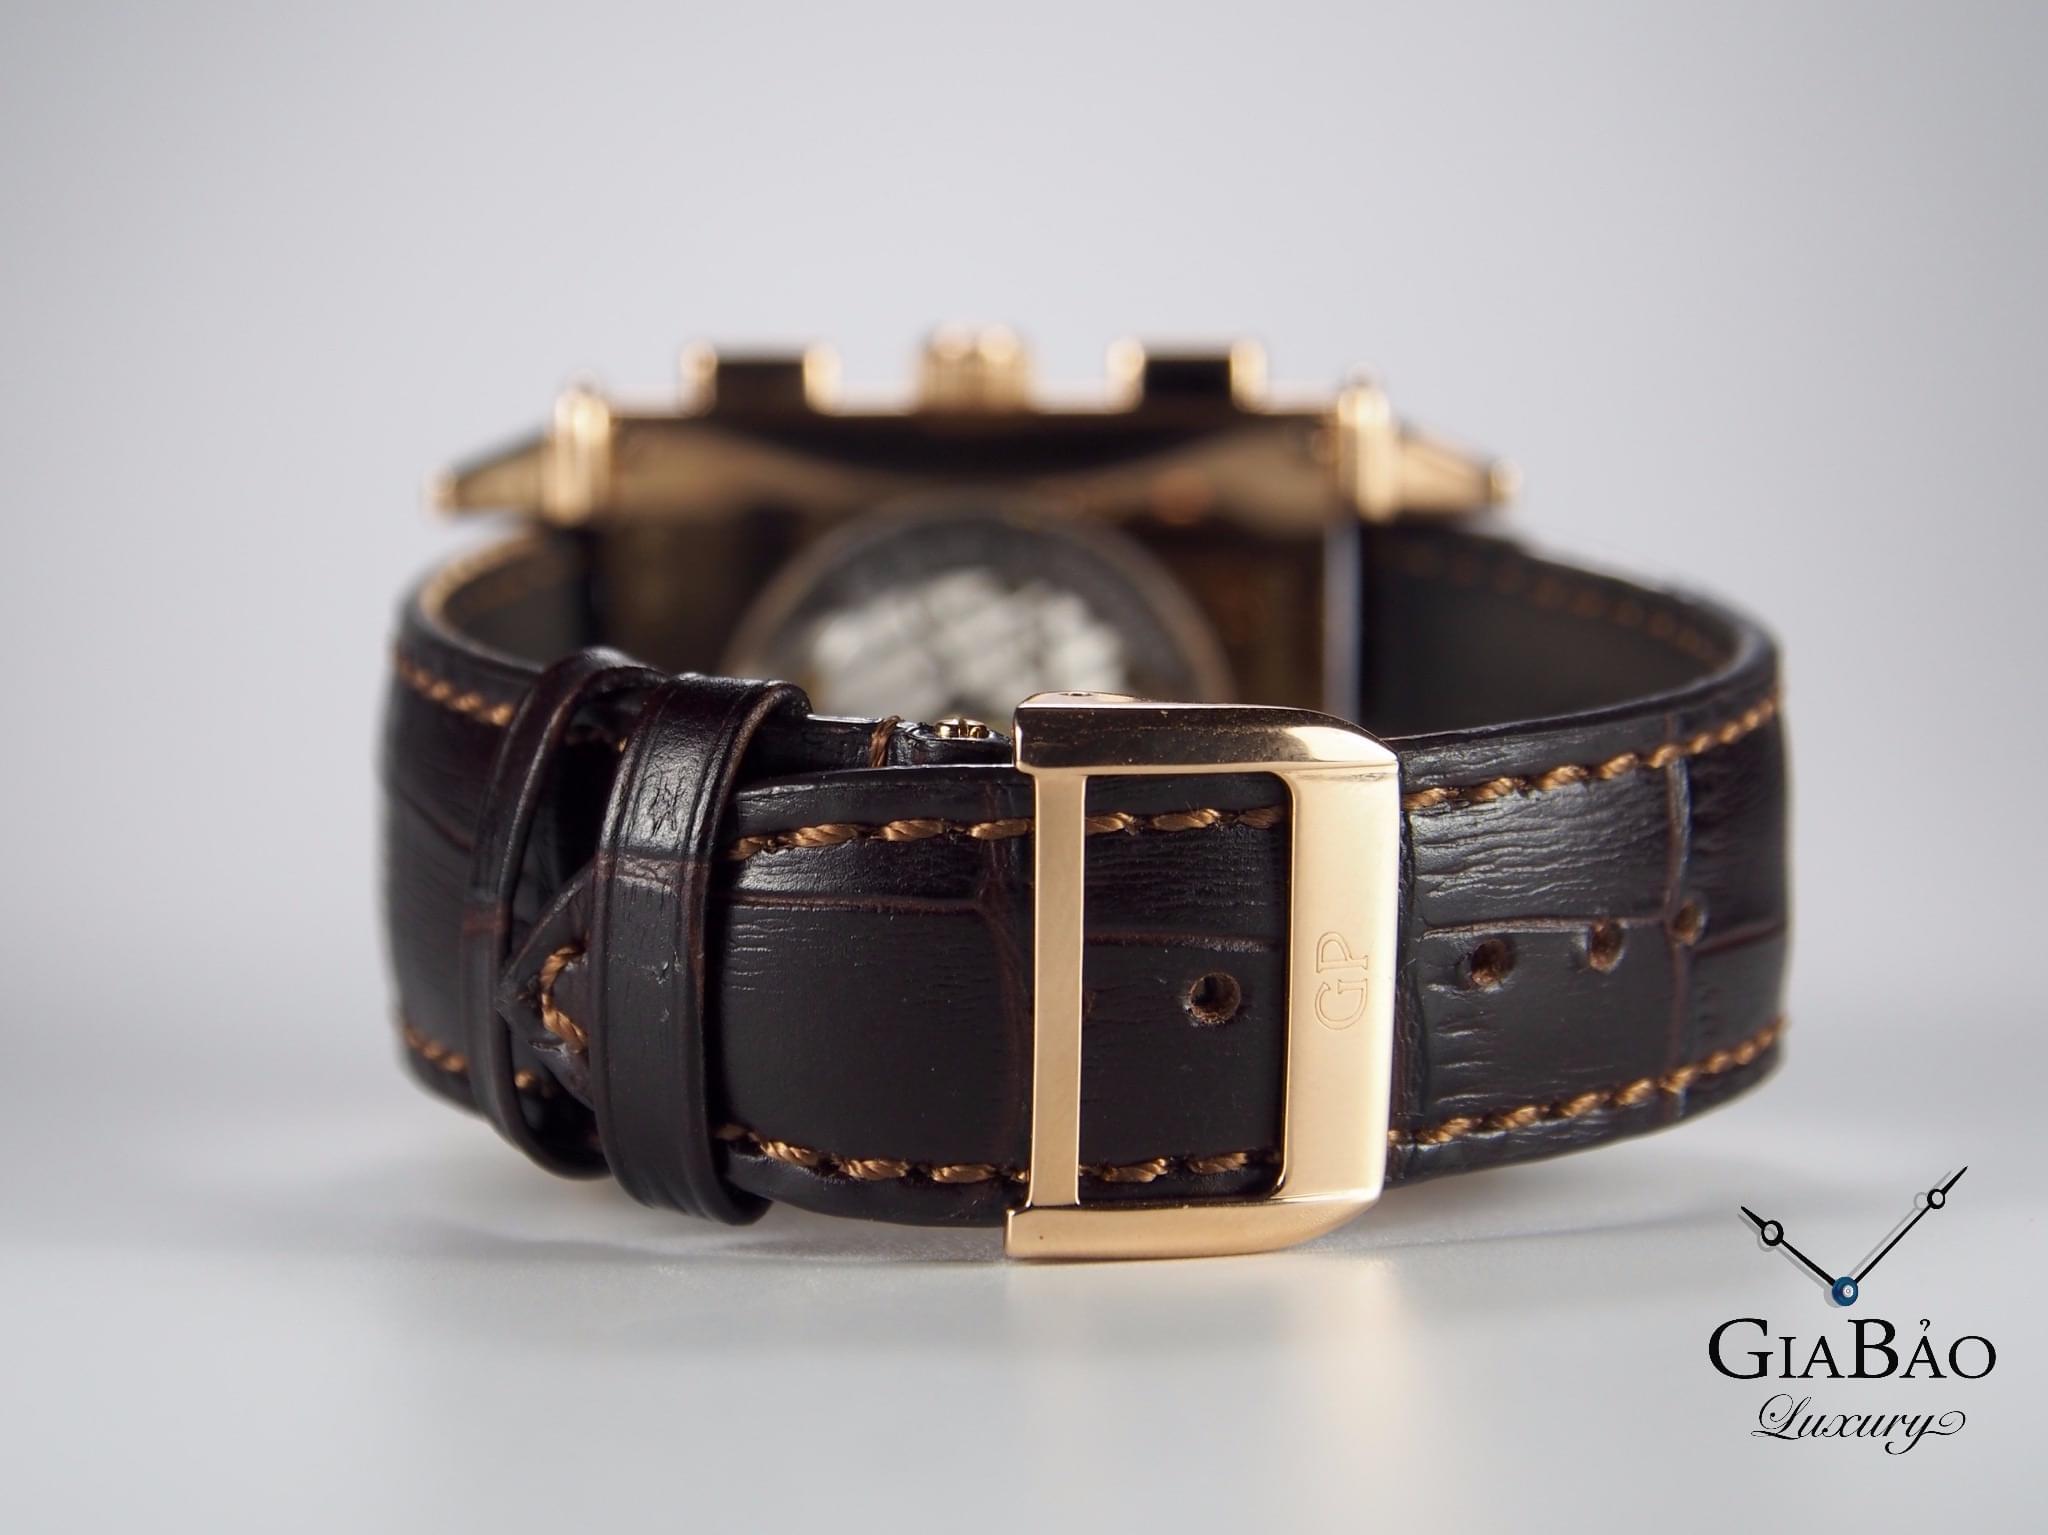 Đồng hồ - Girard Perregaux Vintage 1945